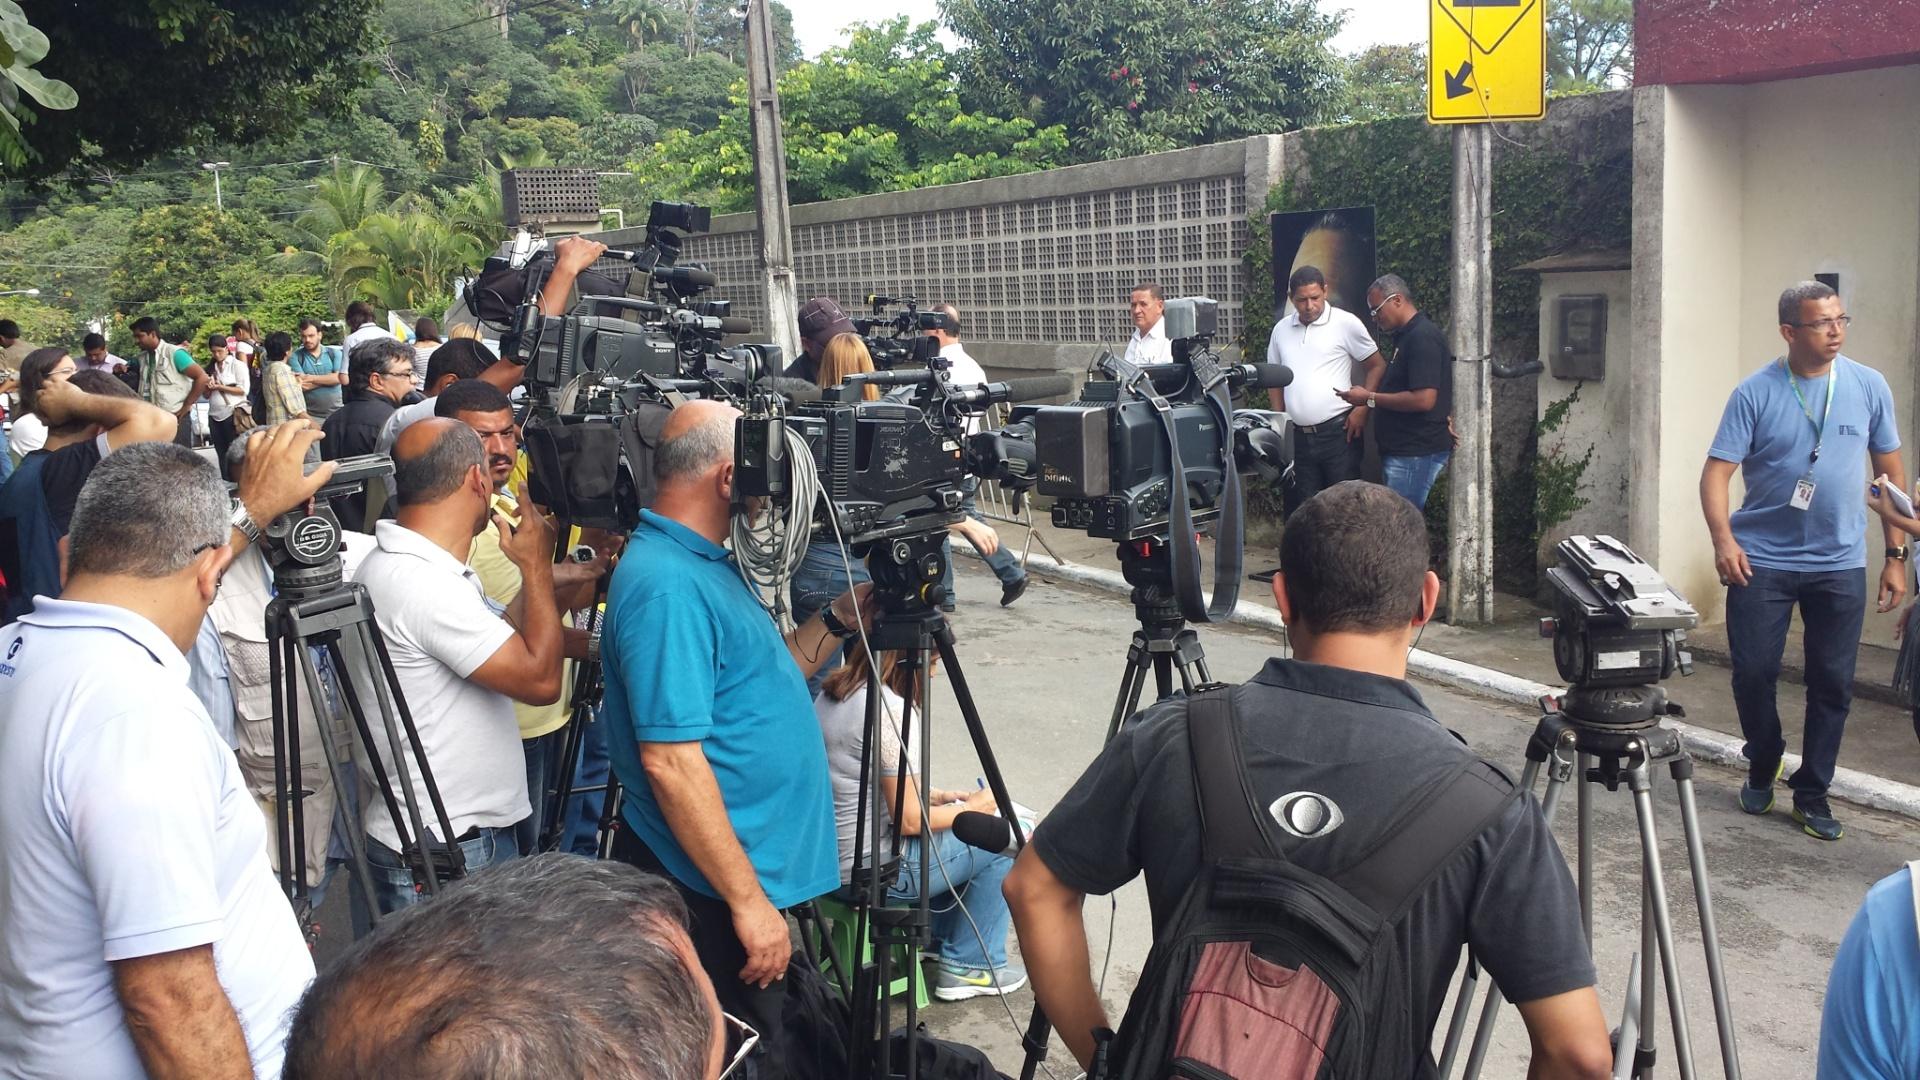 16.ago.2014 - Jornalistas aguardam a chegada de políticos e familiares à casa de Eduardo Campos, em Recife (PE) neste sábado. Campos e outras seis pessoas morreram em um acidente aéreo em Santos (SP)